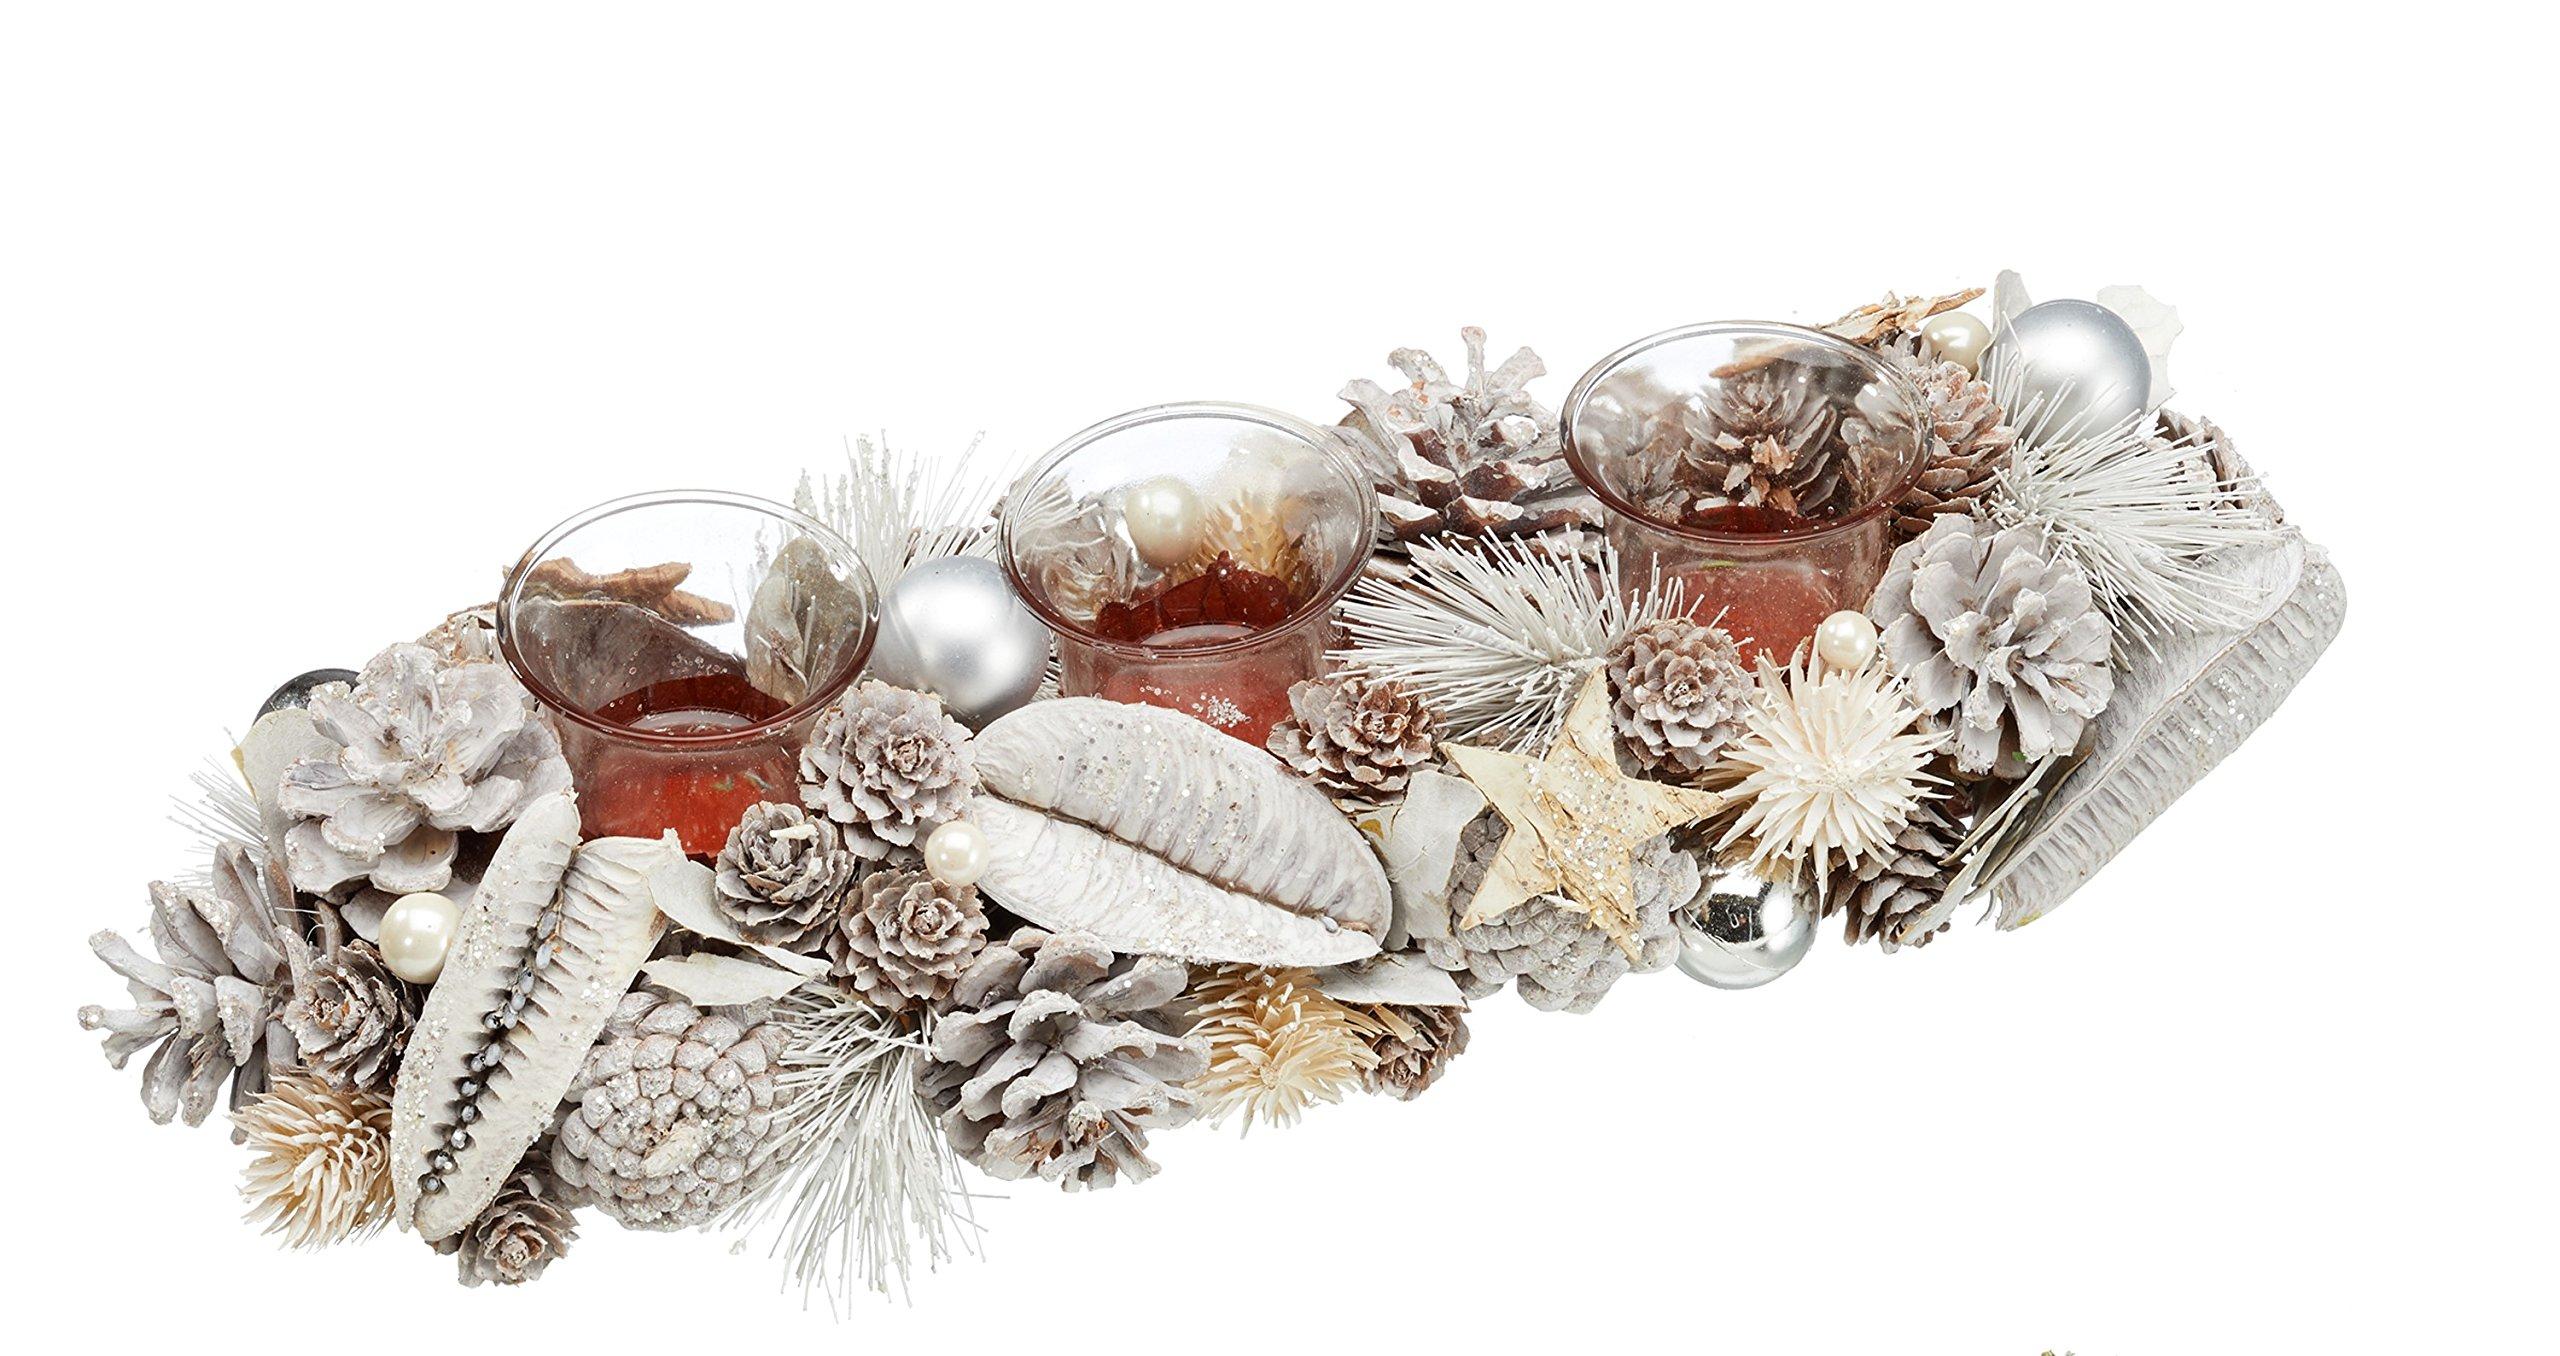 TFH-Teelichthalter-Gesteck-Zapfen-wei-Sterne-Tischkranz-Tischgesteck-Glitzer-Kerzenhalter-Holz-Natur-Kranz-Weihnachten-Weihnachtsdeko-Weihnachtskranz